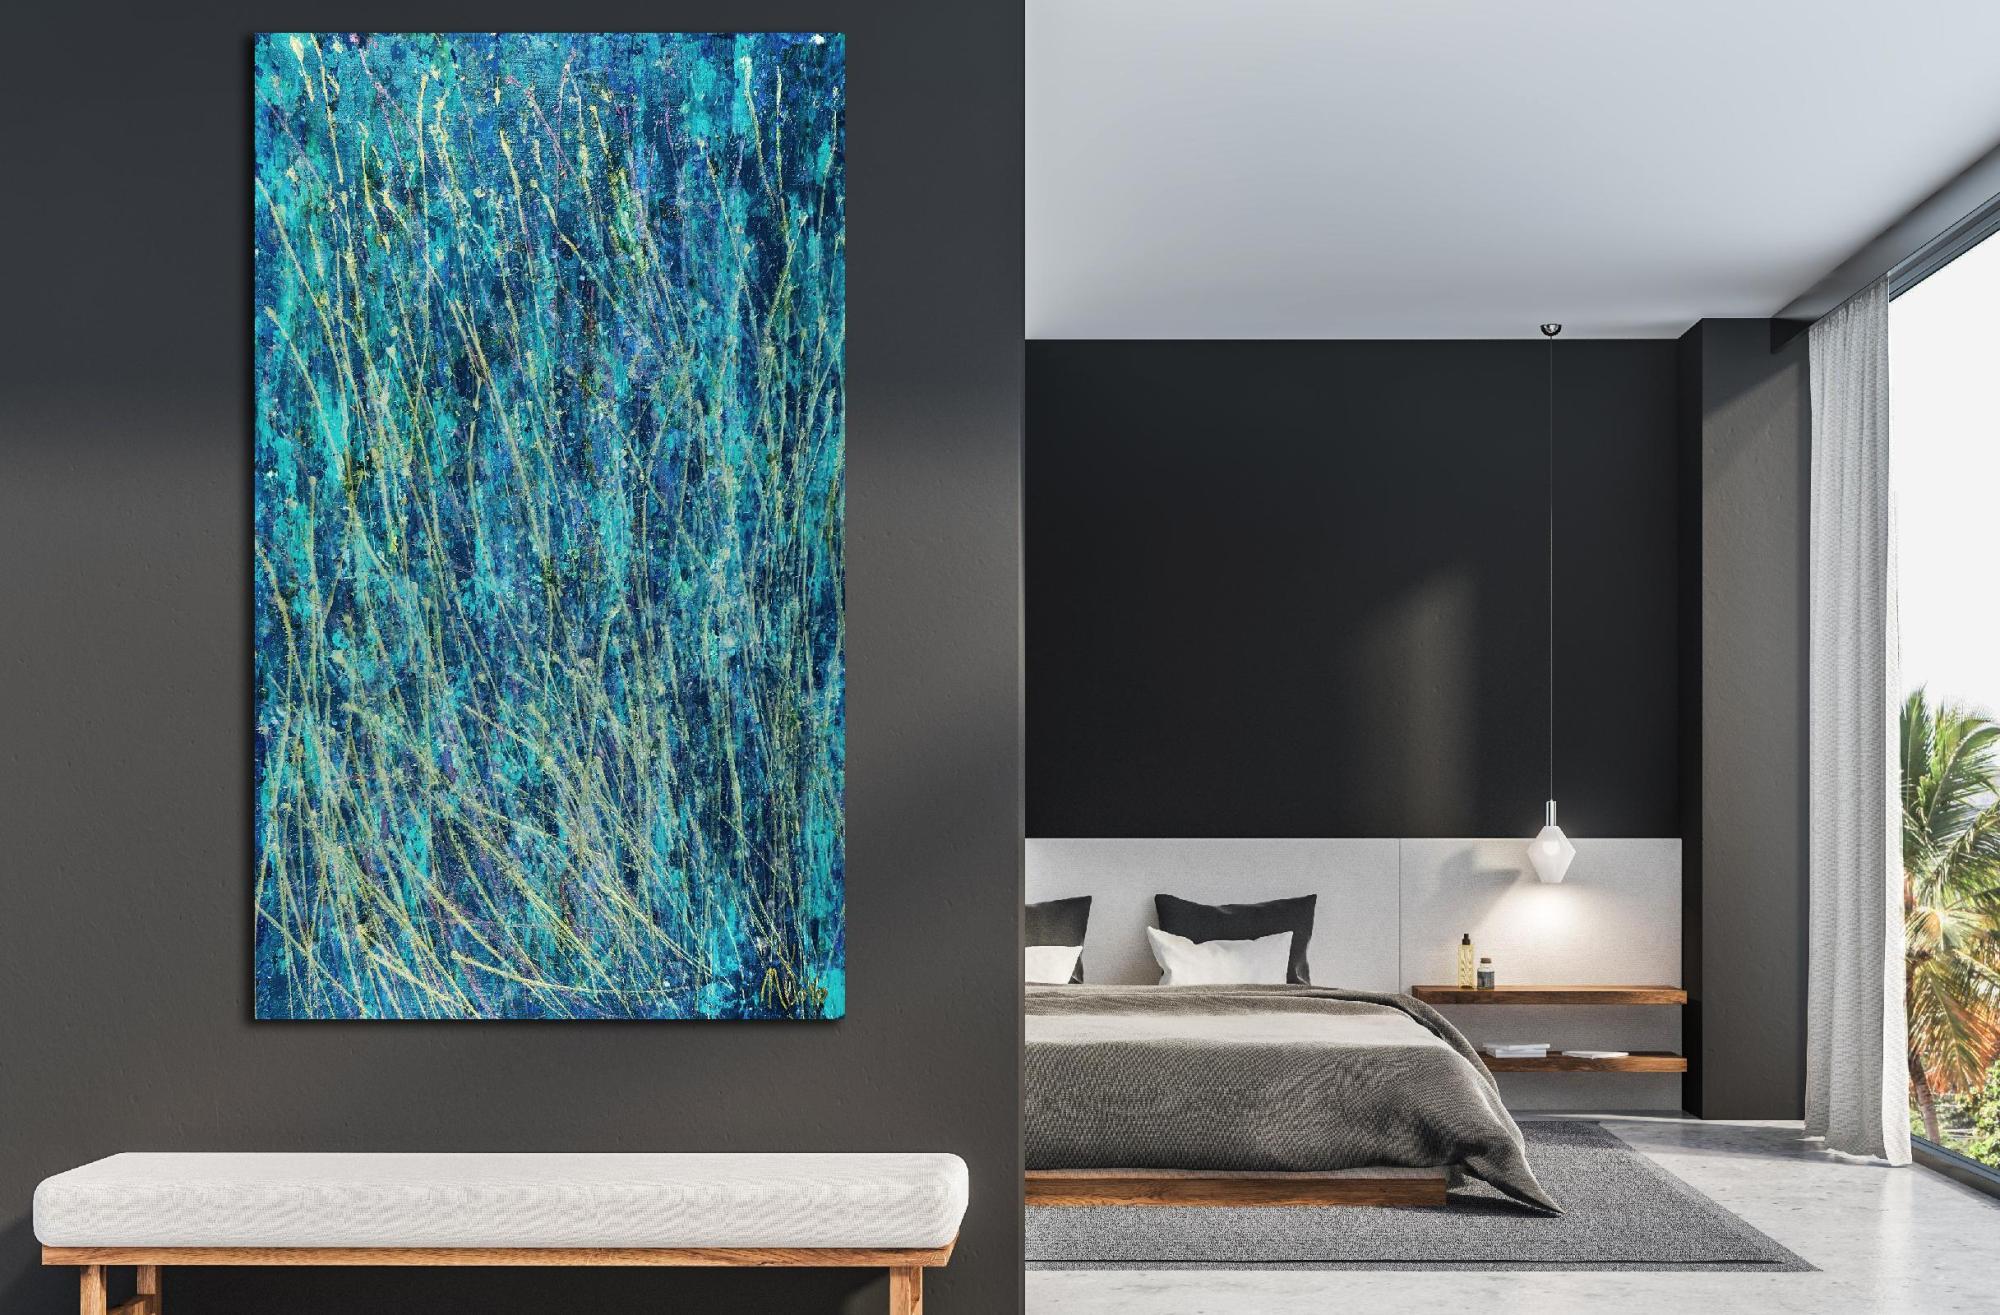 Room View - Aqua Garden (Blinding lights) (2020) - Statement Work!